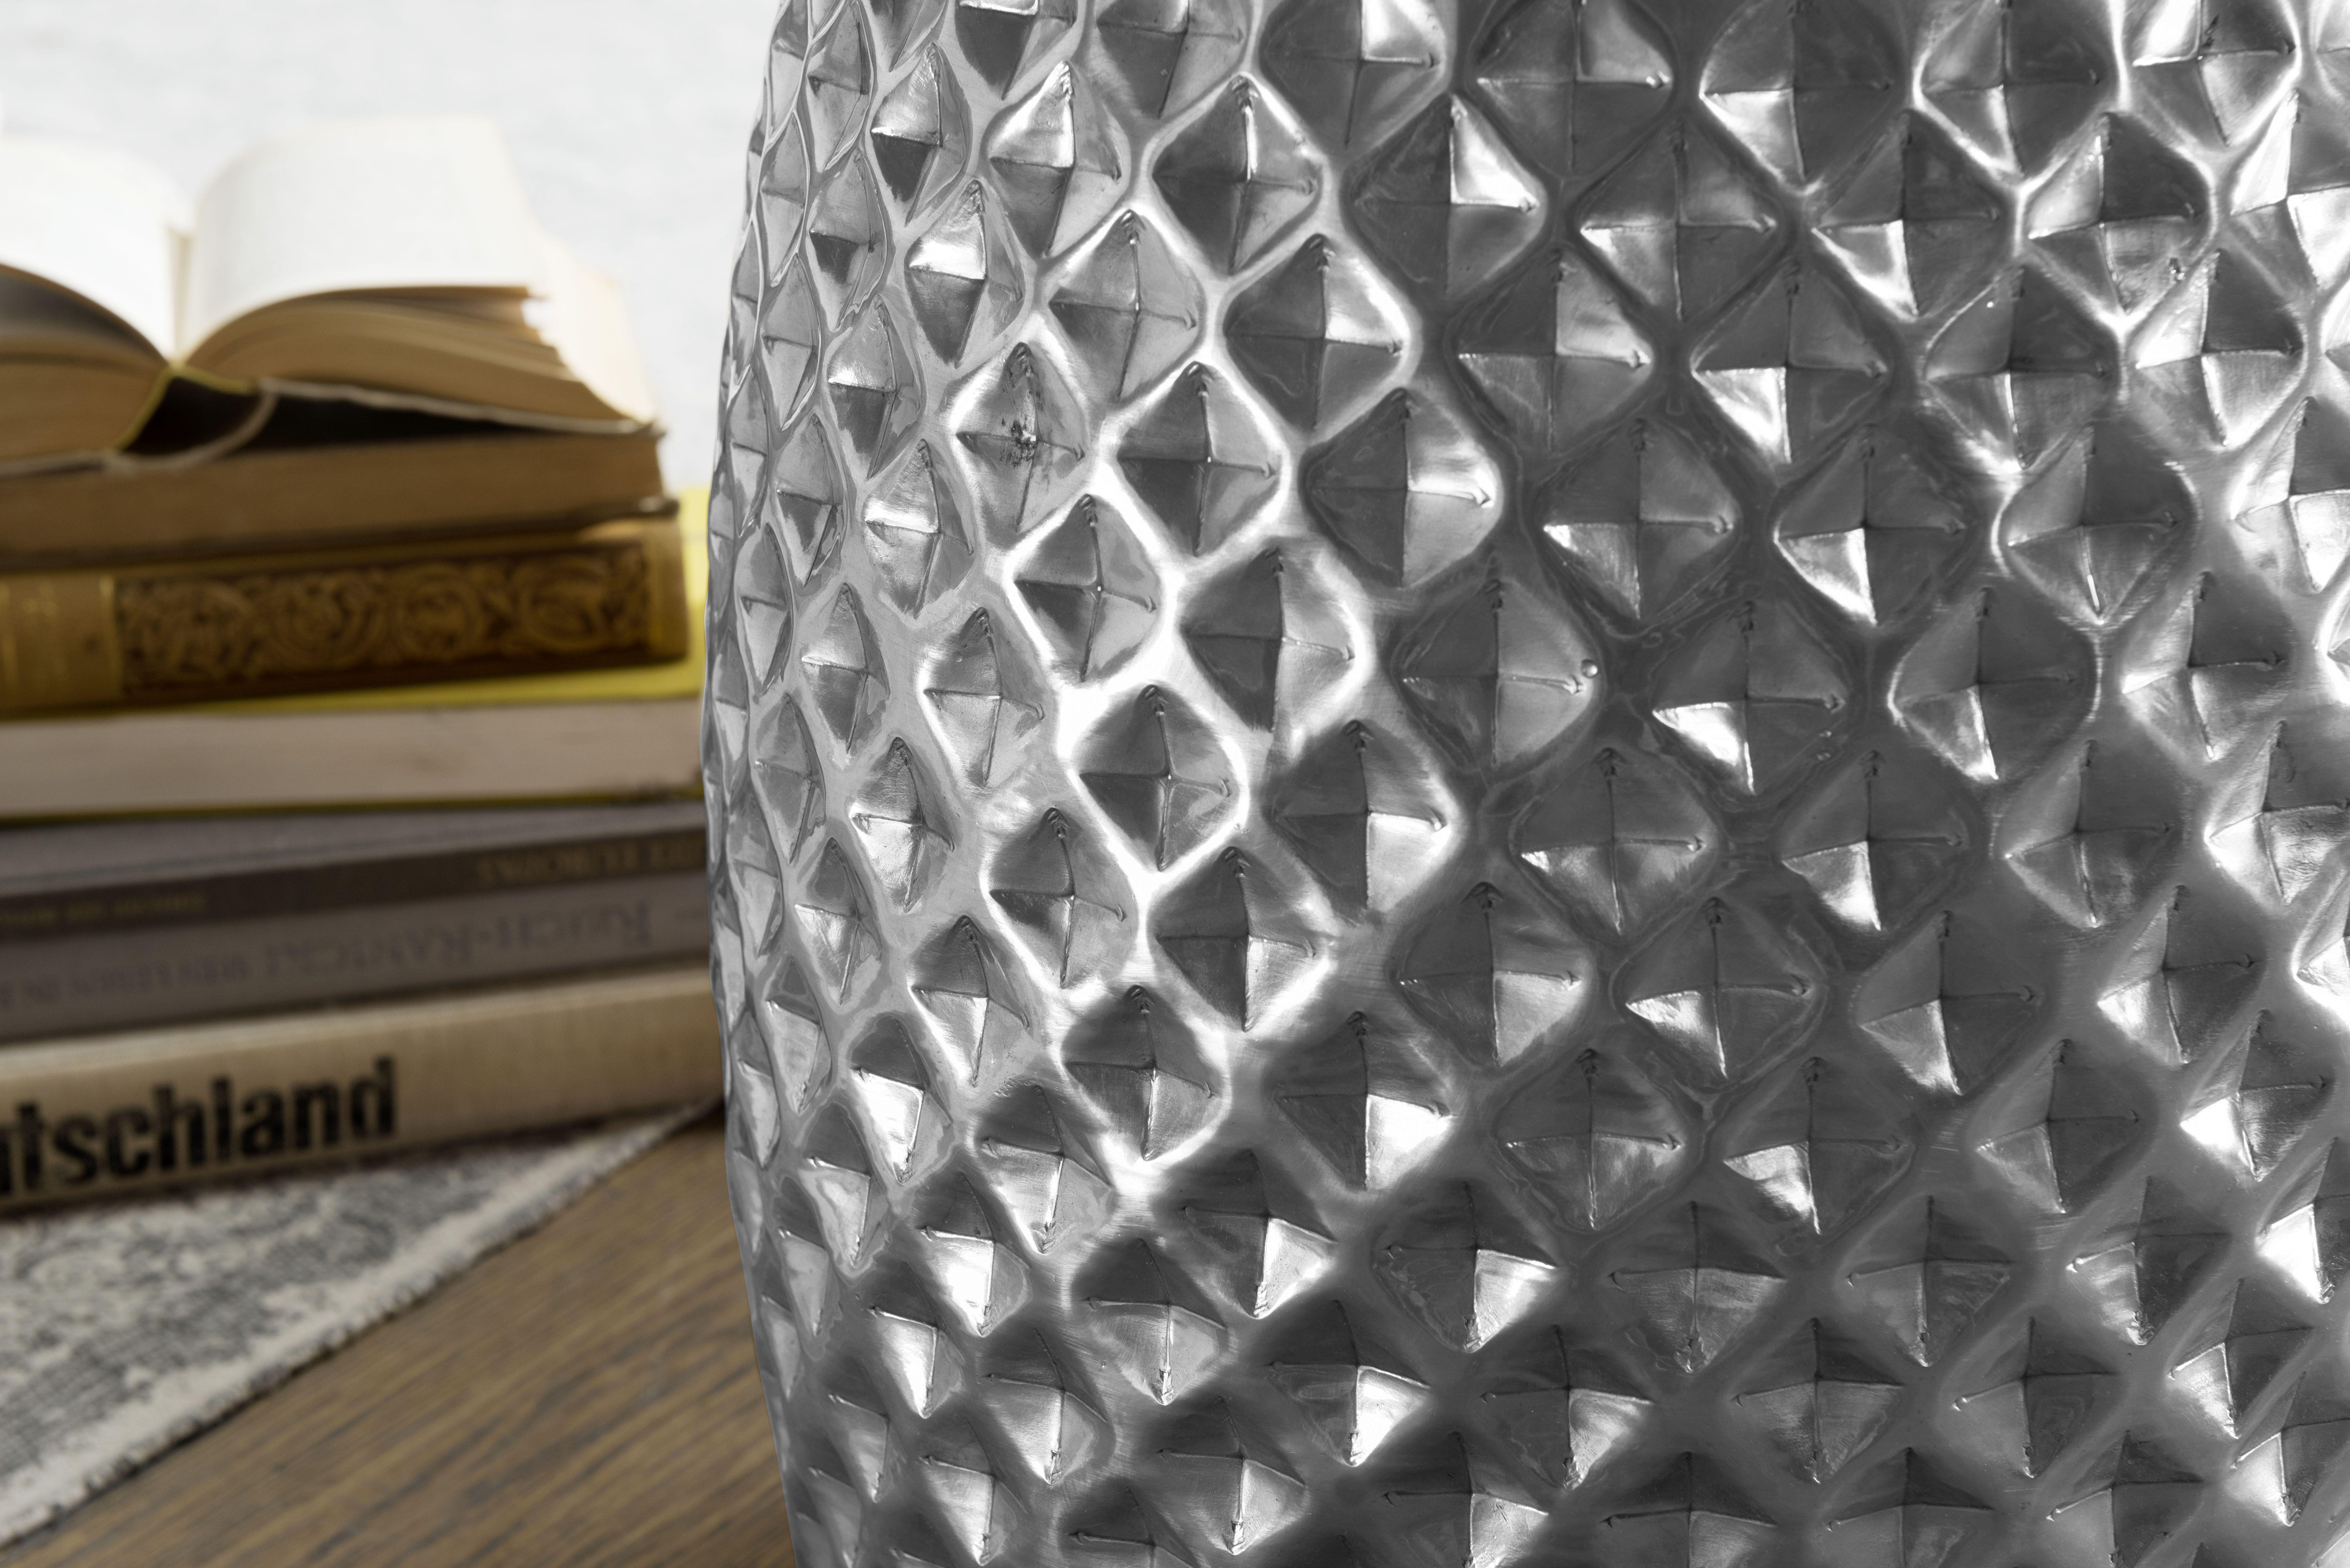 Wohnling Beistelltisch Sita Silber Wl5 448 Aus Aluminium Silber Metall Wohnidee Dekoration Ablage Wohnen Wohnzimmer Aluminium Beistelltisch Dekoration